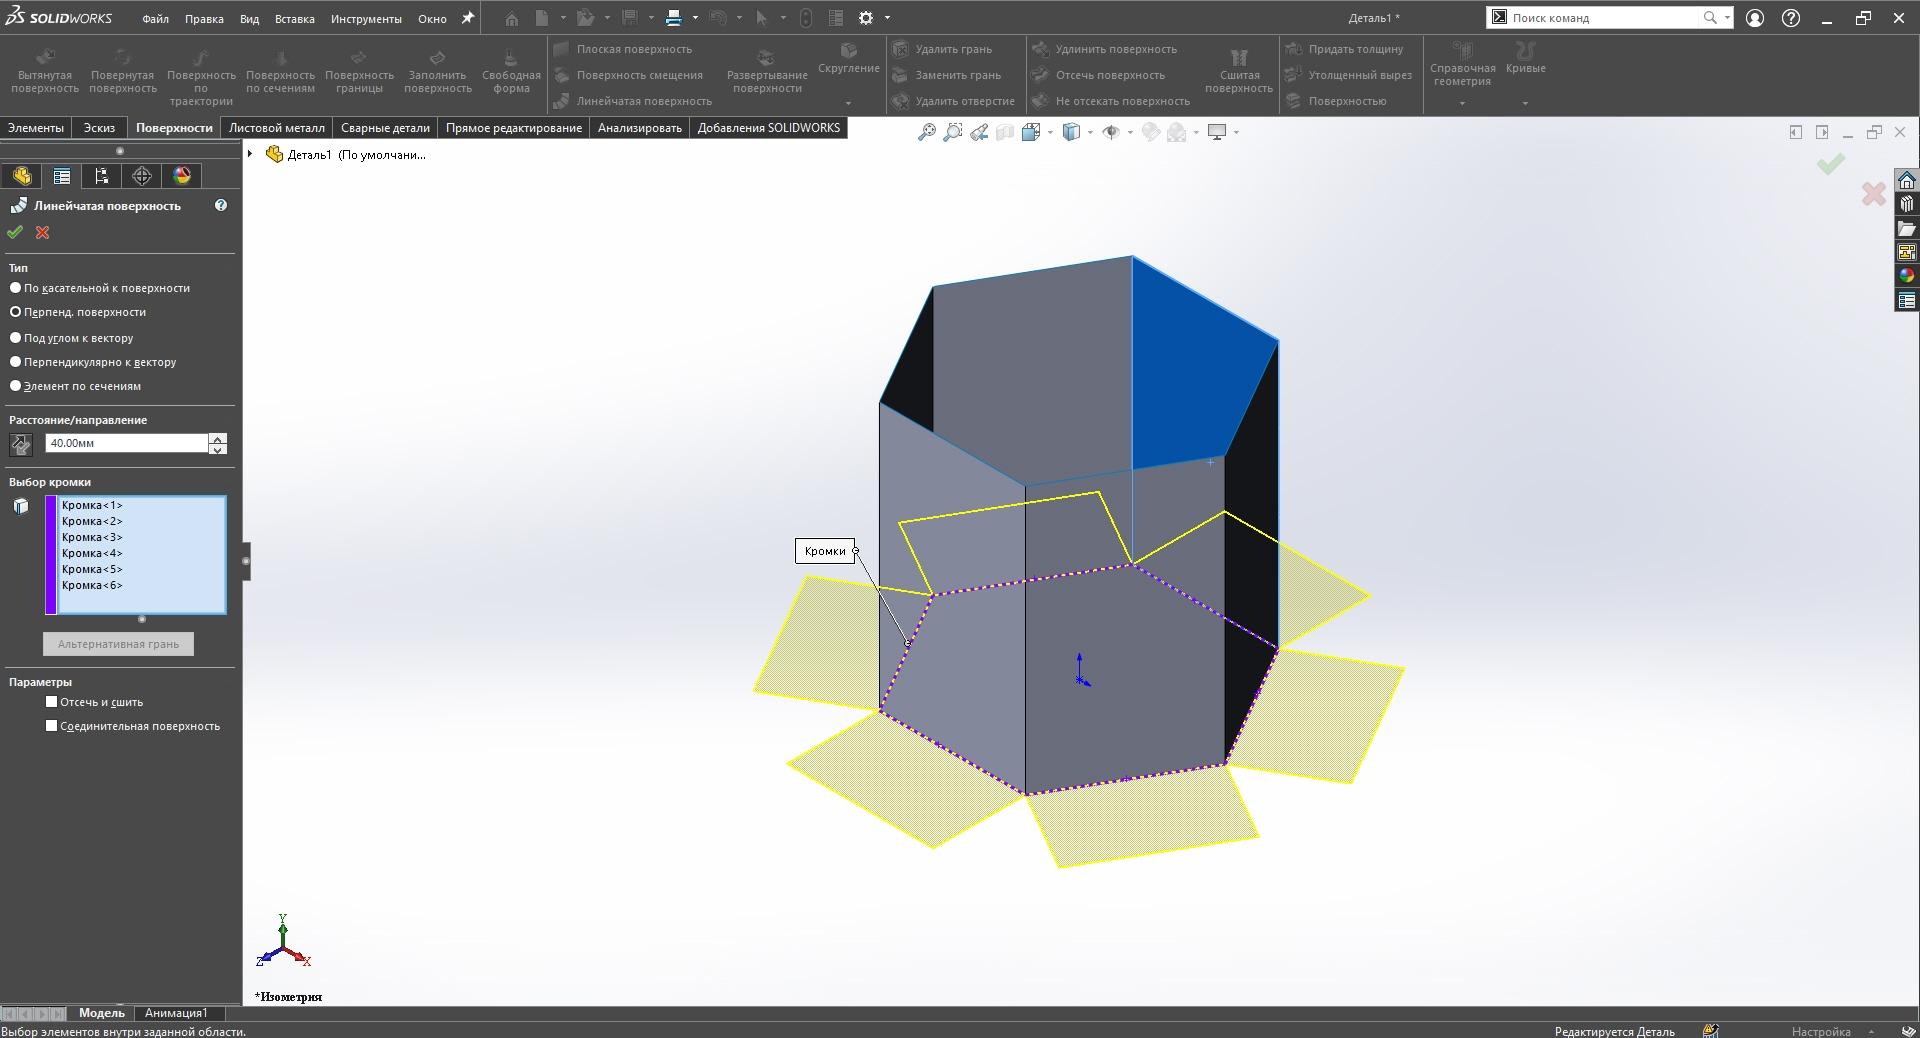 Solidworks поверхности, Solidworks инструменты поверхностного проектирования, Solidworks инструмент линейчатая поверхность, линейчатая поверхность.